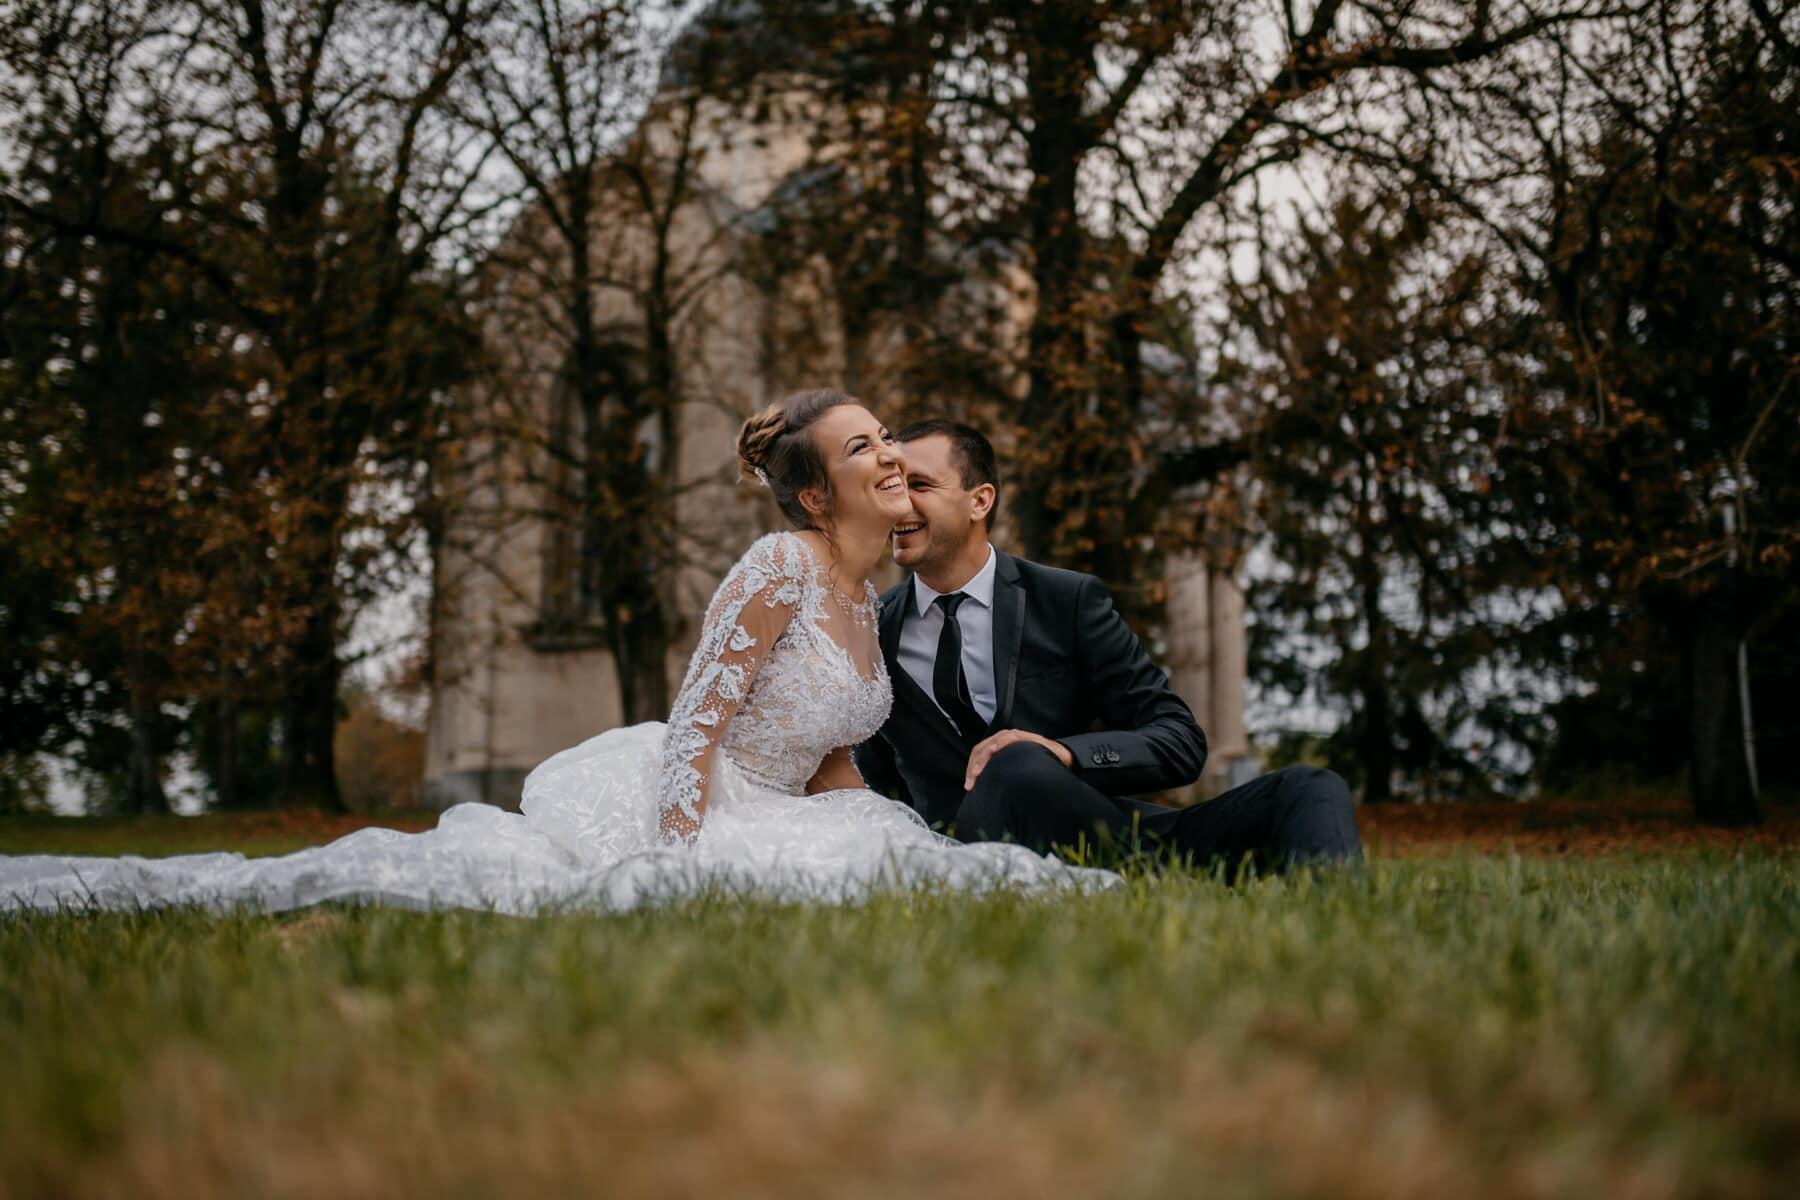 la mariée, souriant, pelouse, assis, jeune marié, amour, jeune fille, parc, homme, couple